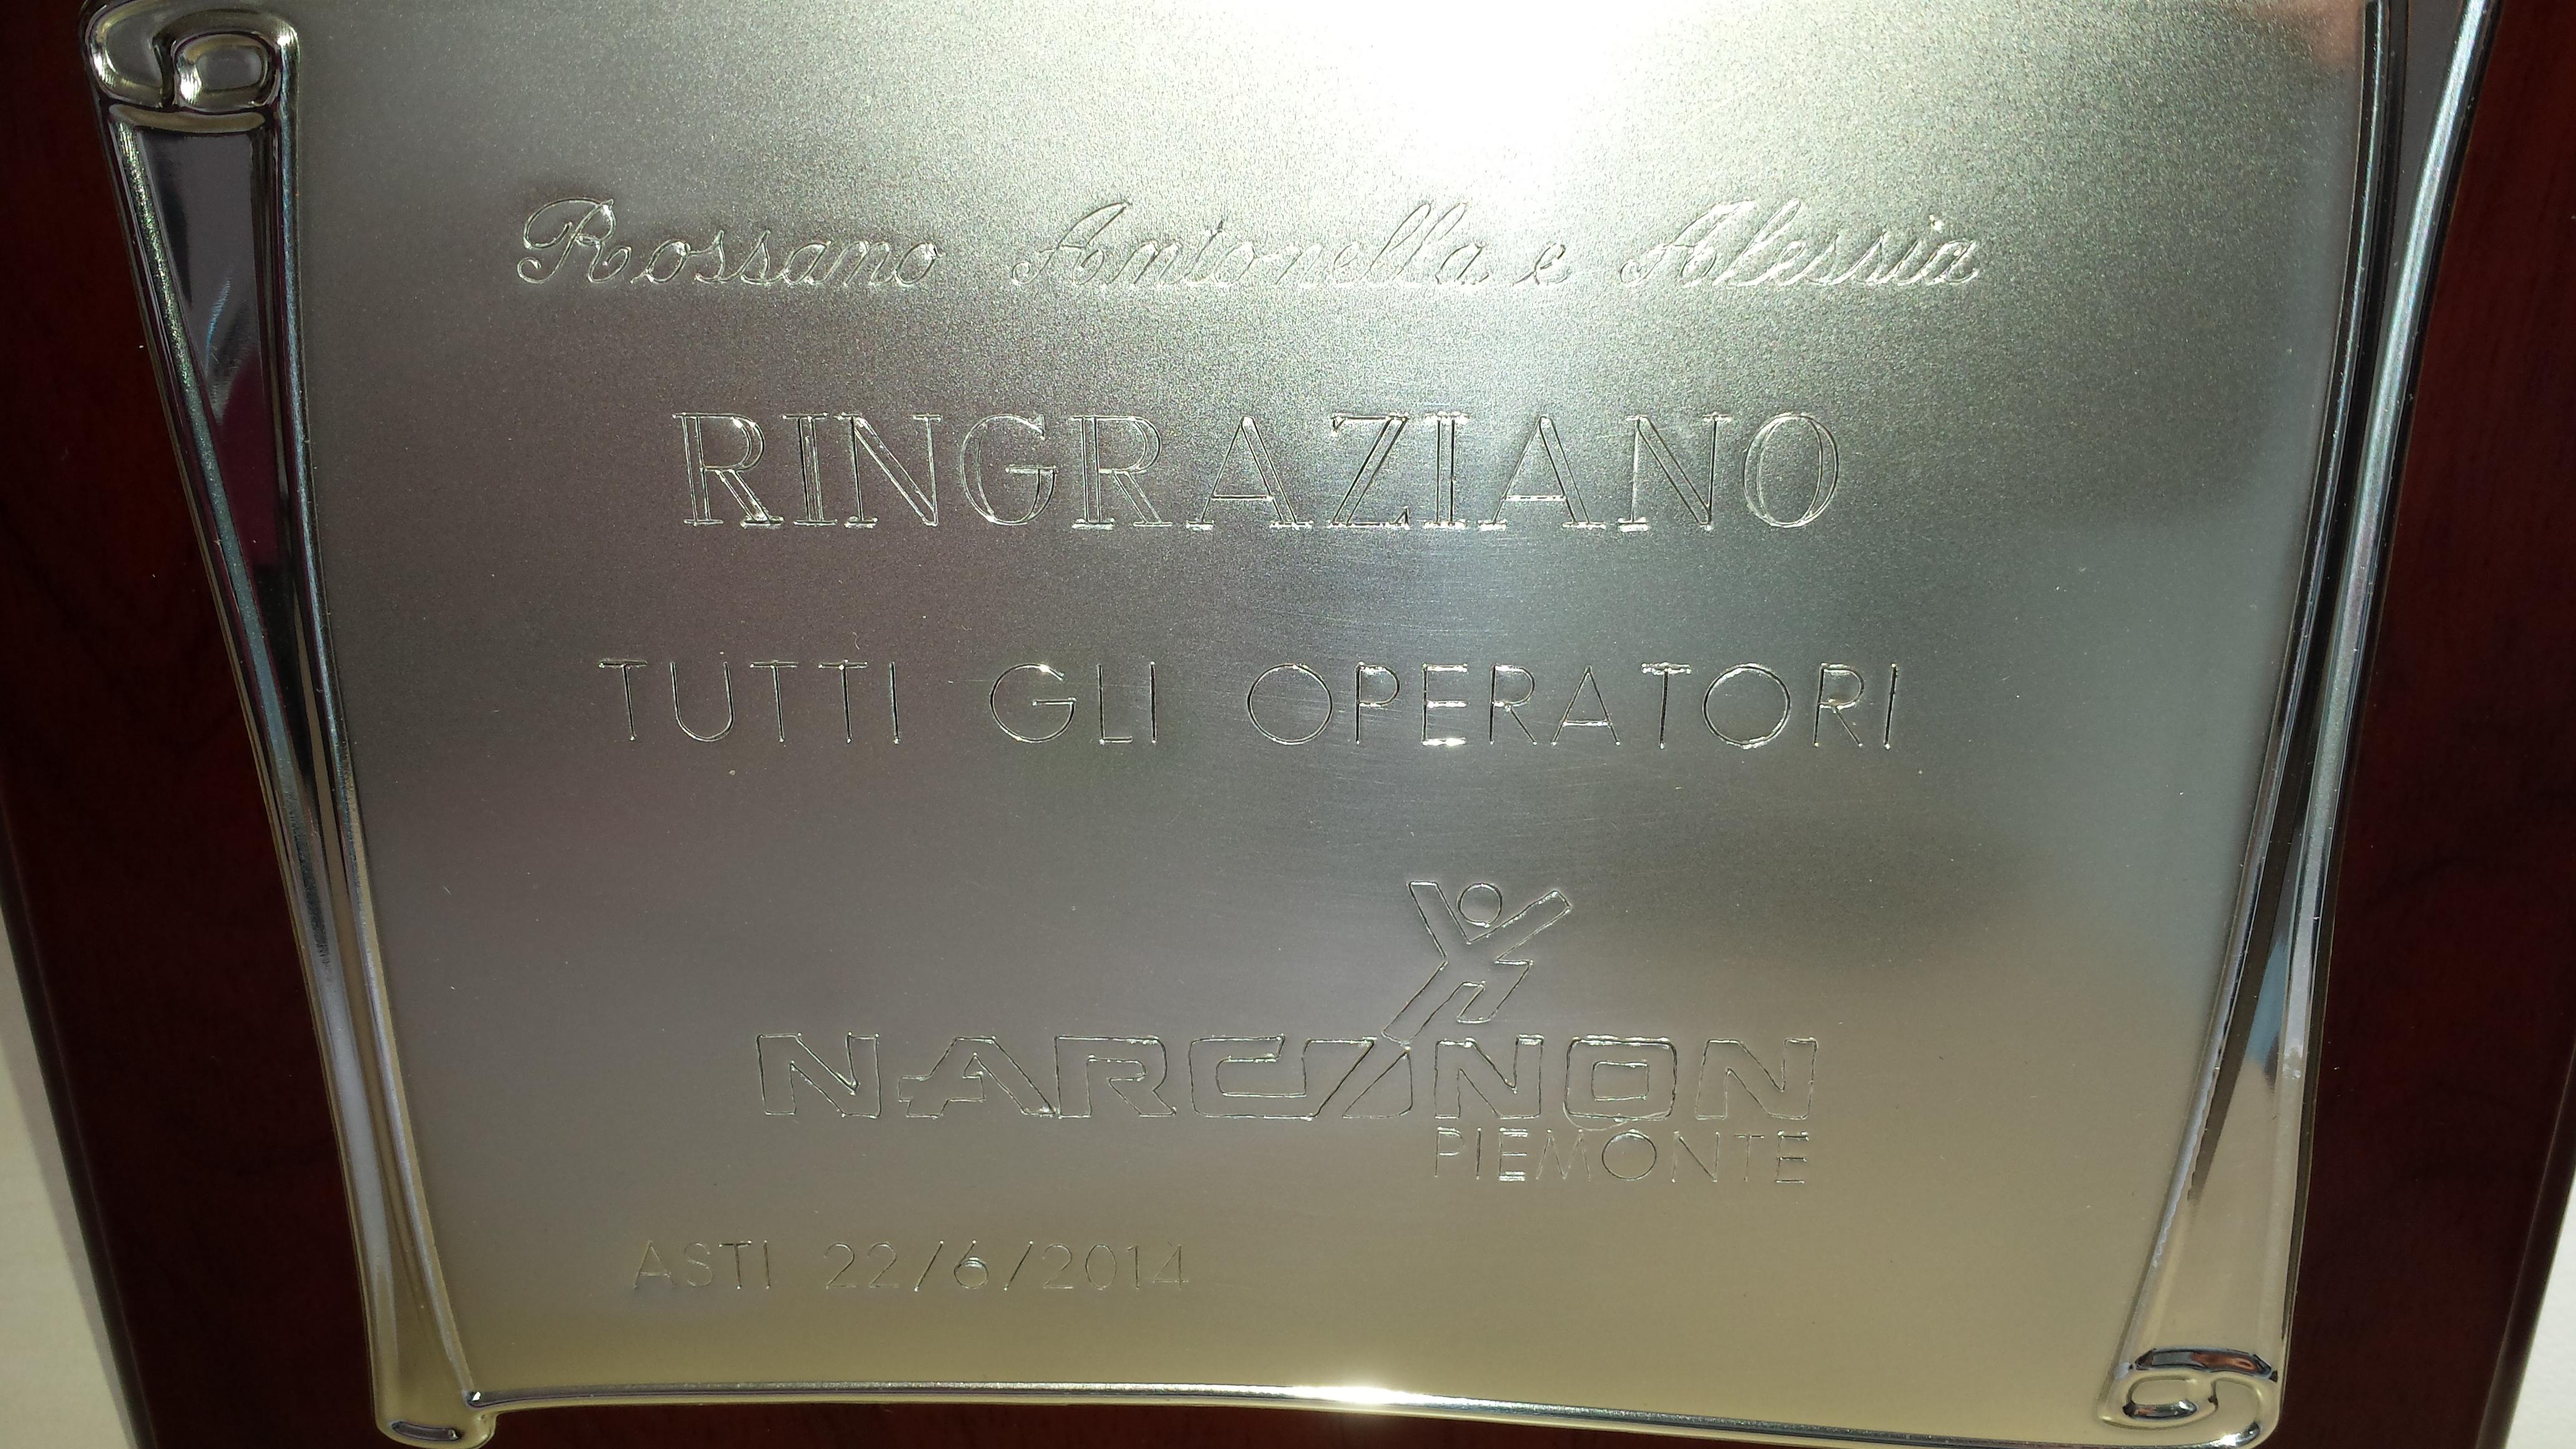 Ringraziamento a tutti gli operatori del Centro Narconon Piemonte